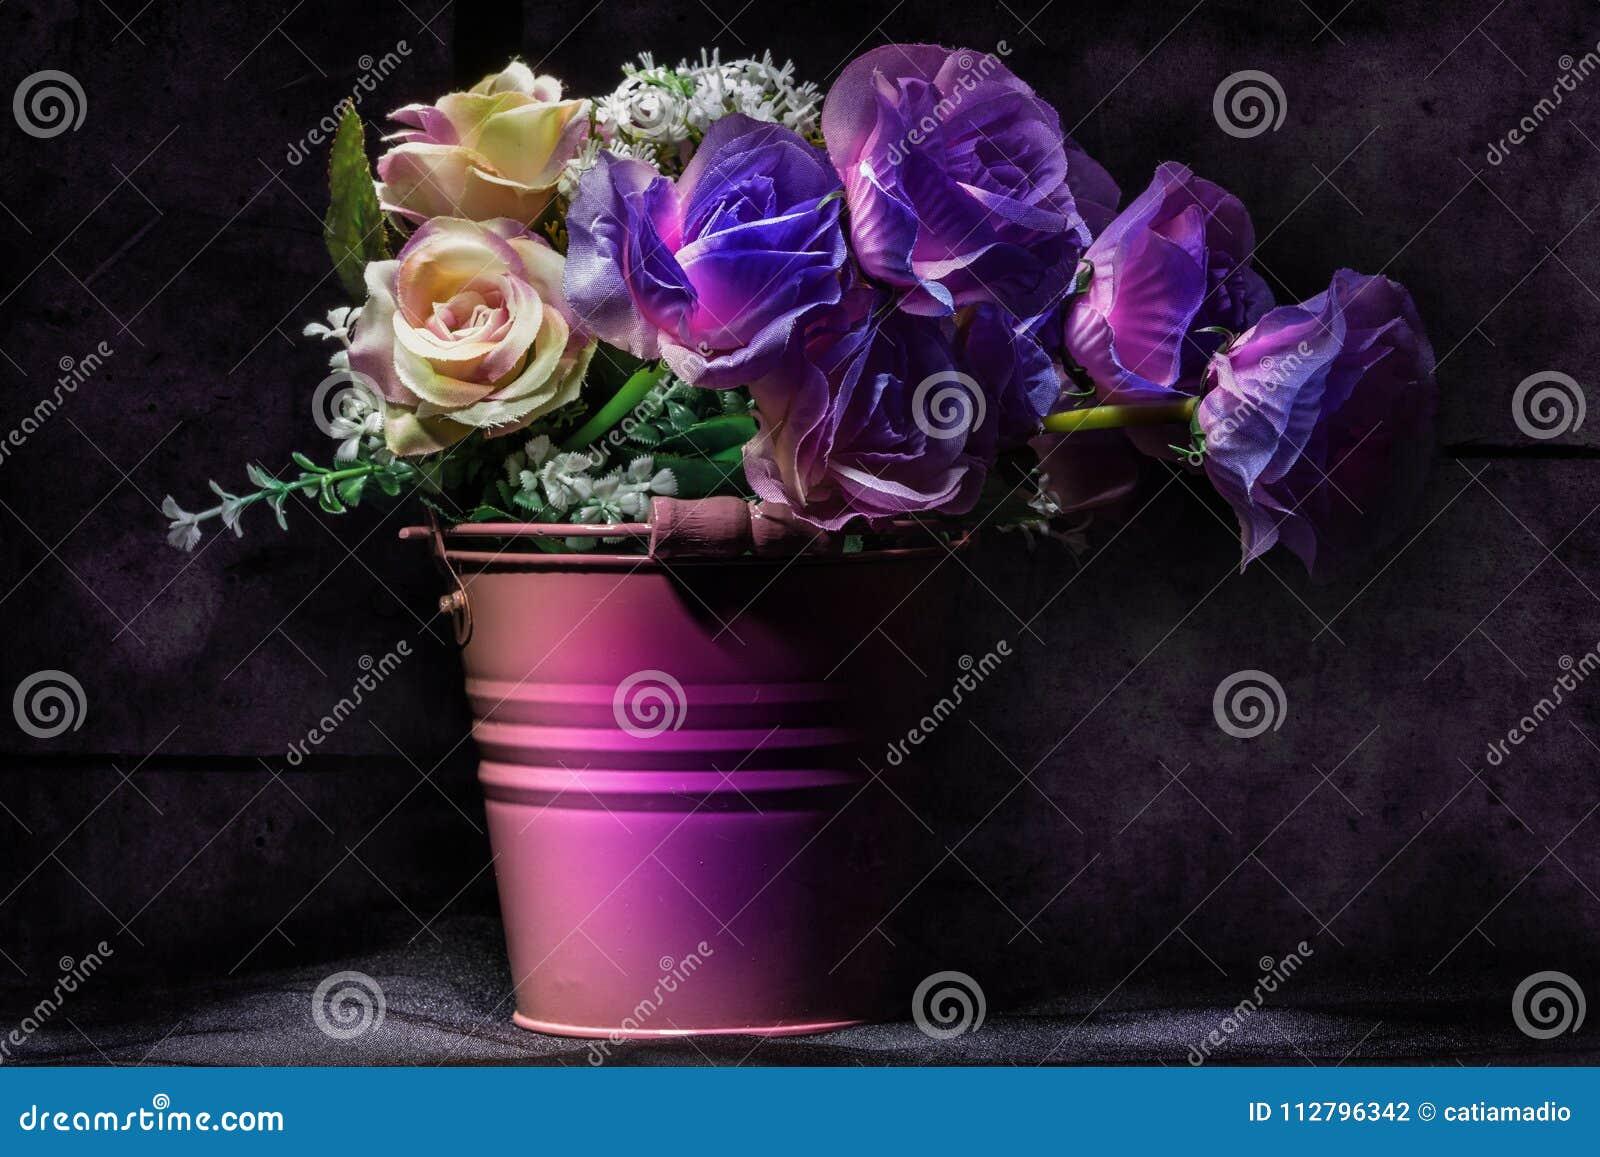 Violet floral still life